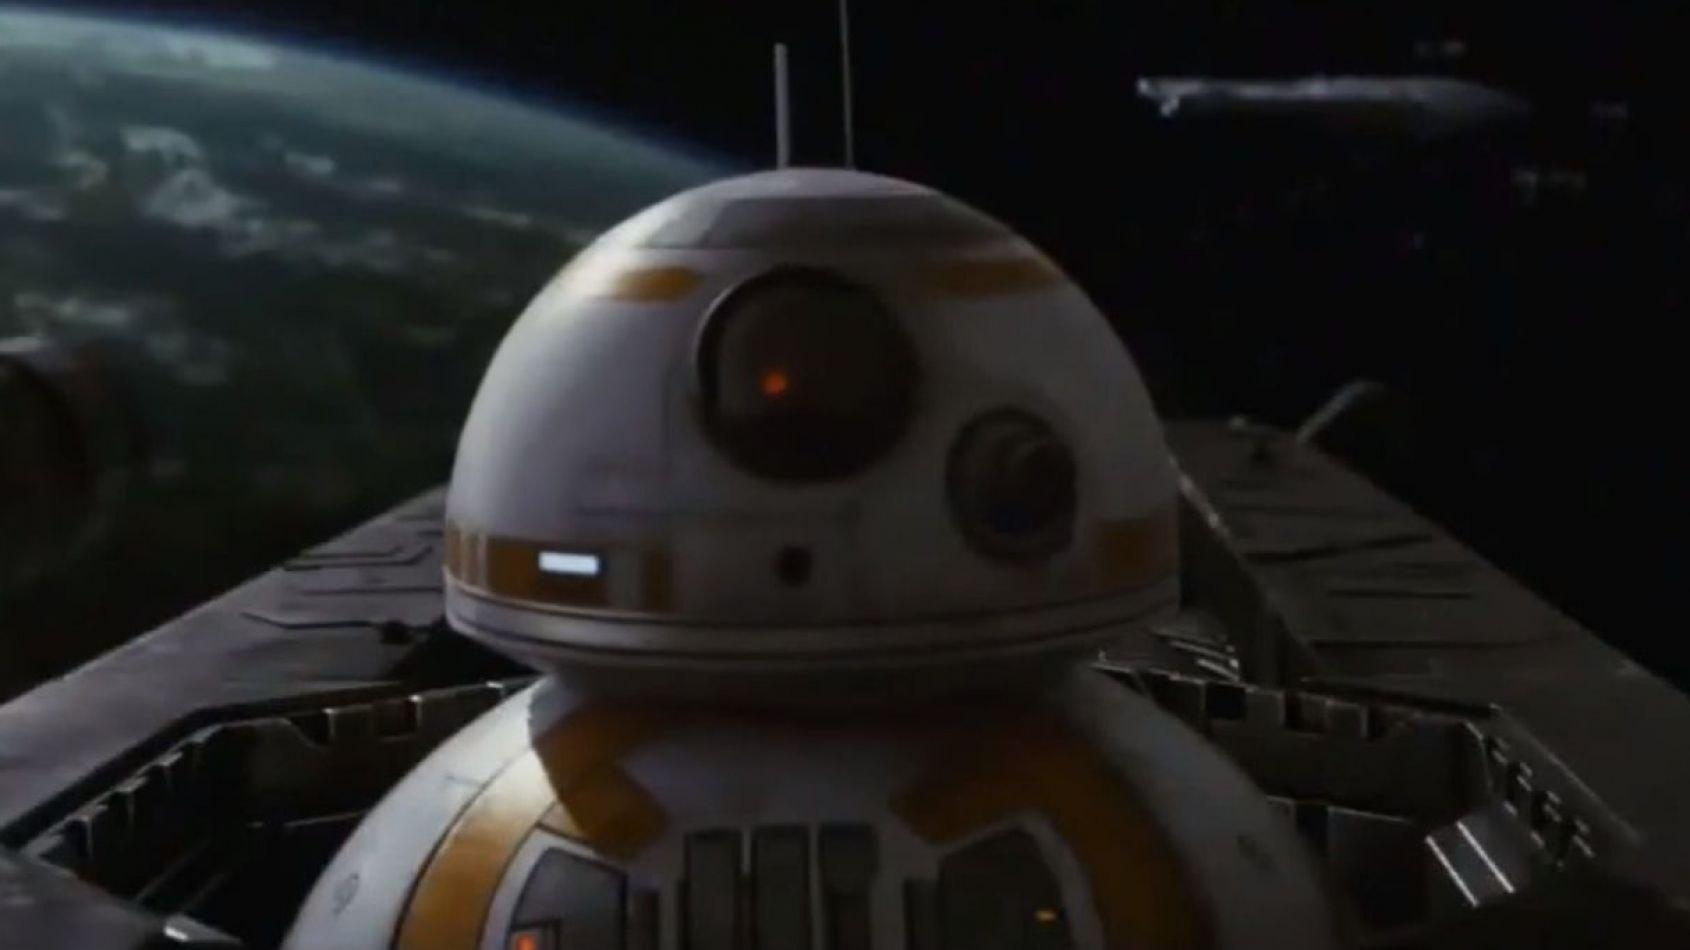 Une Tradition Star Wars bien cachée dans les Derniers Jedi !